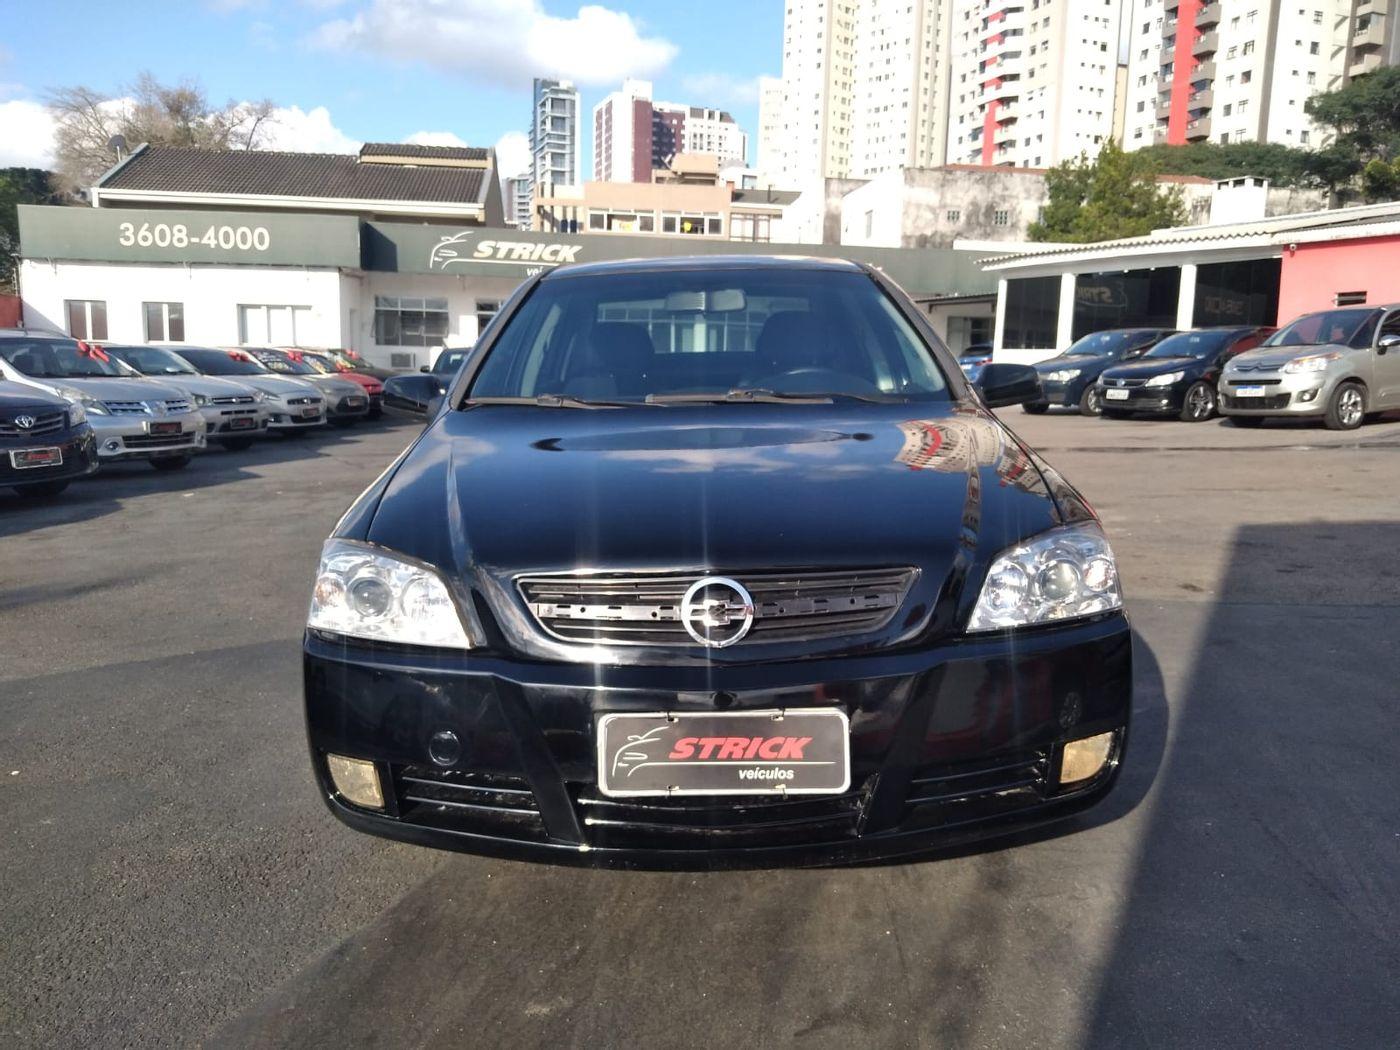 Chevrolet Astra Sed. Advant. 2.0 8V MPFI FlexP. 4p